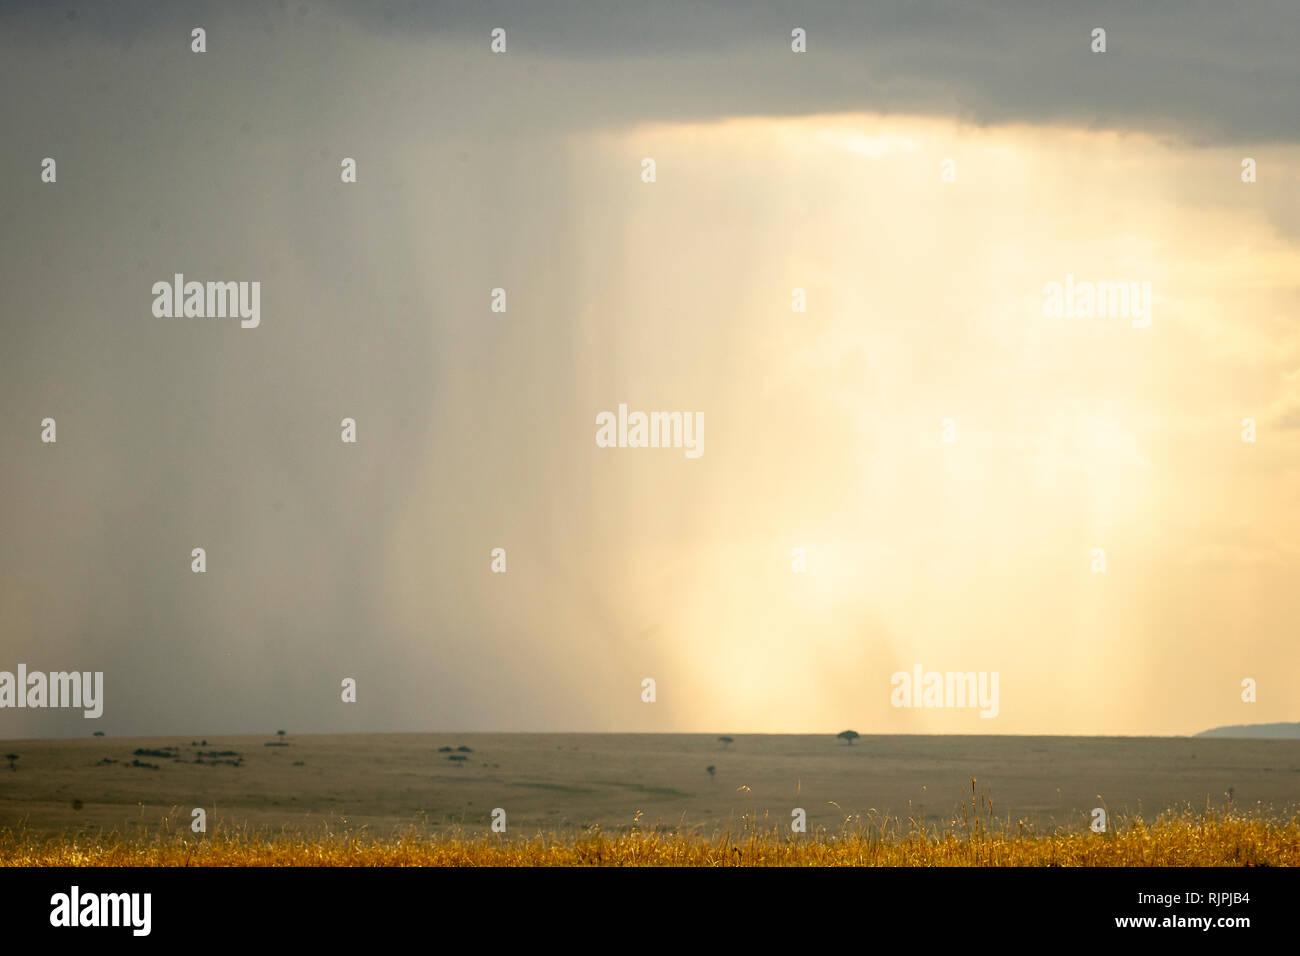 Rainstorm in the masai mara in kenya - Stock Image